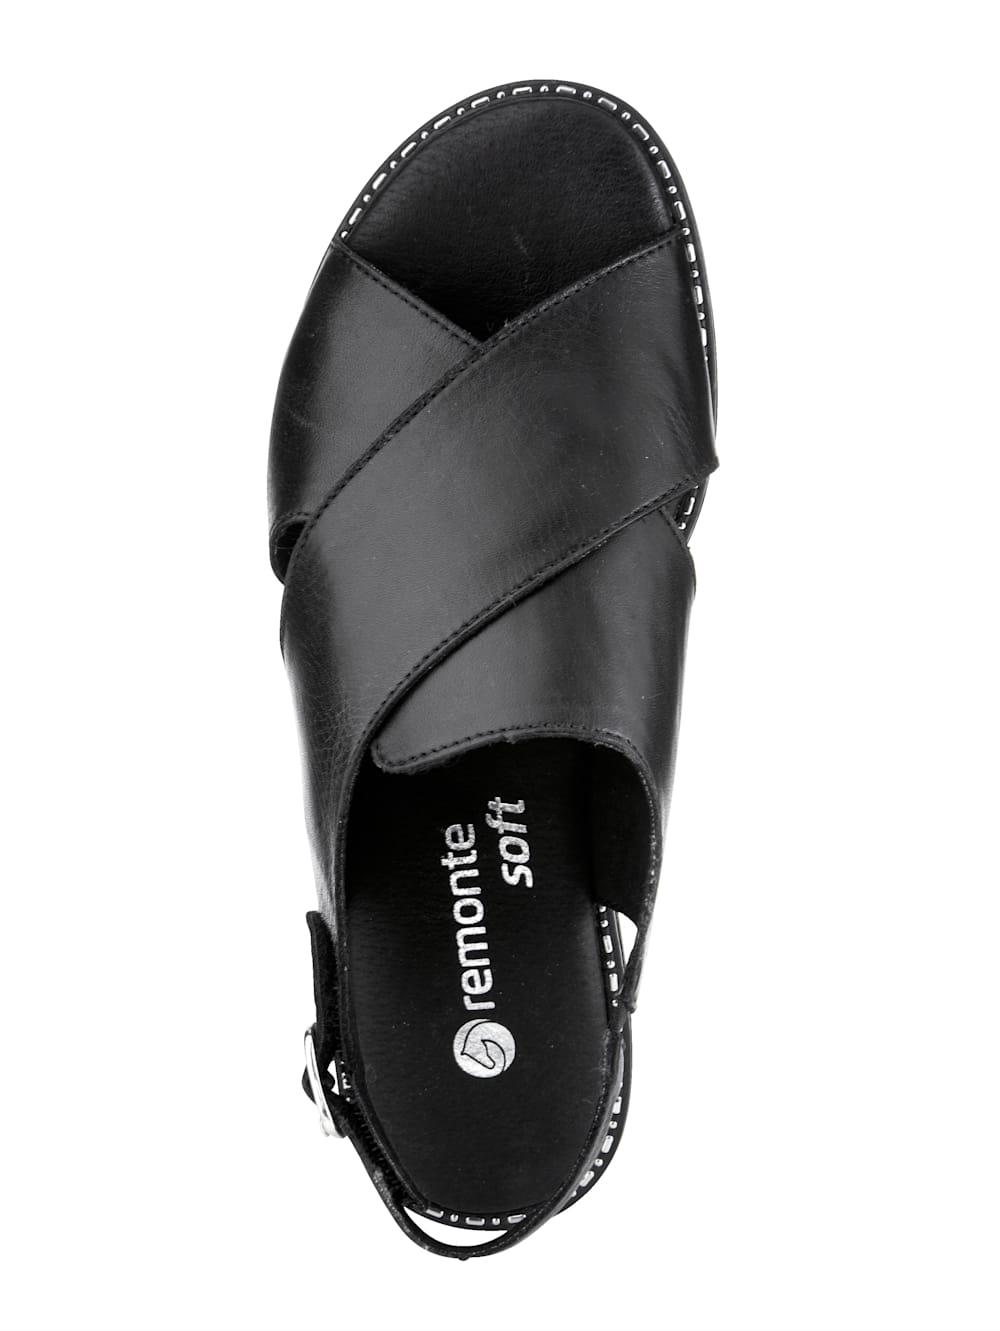 Remonte Sandale Schnalle,Klettverschluss sandalen